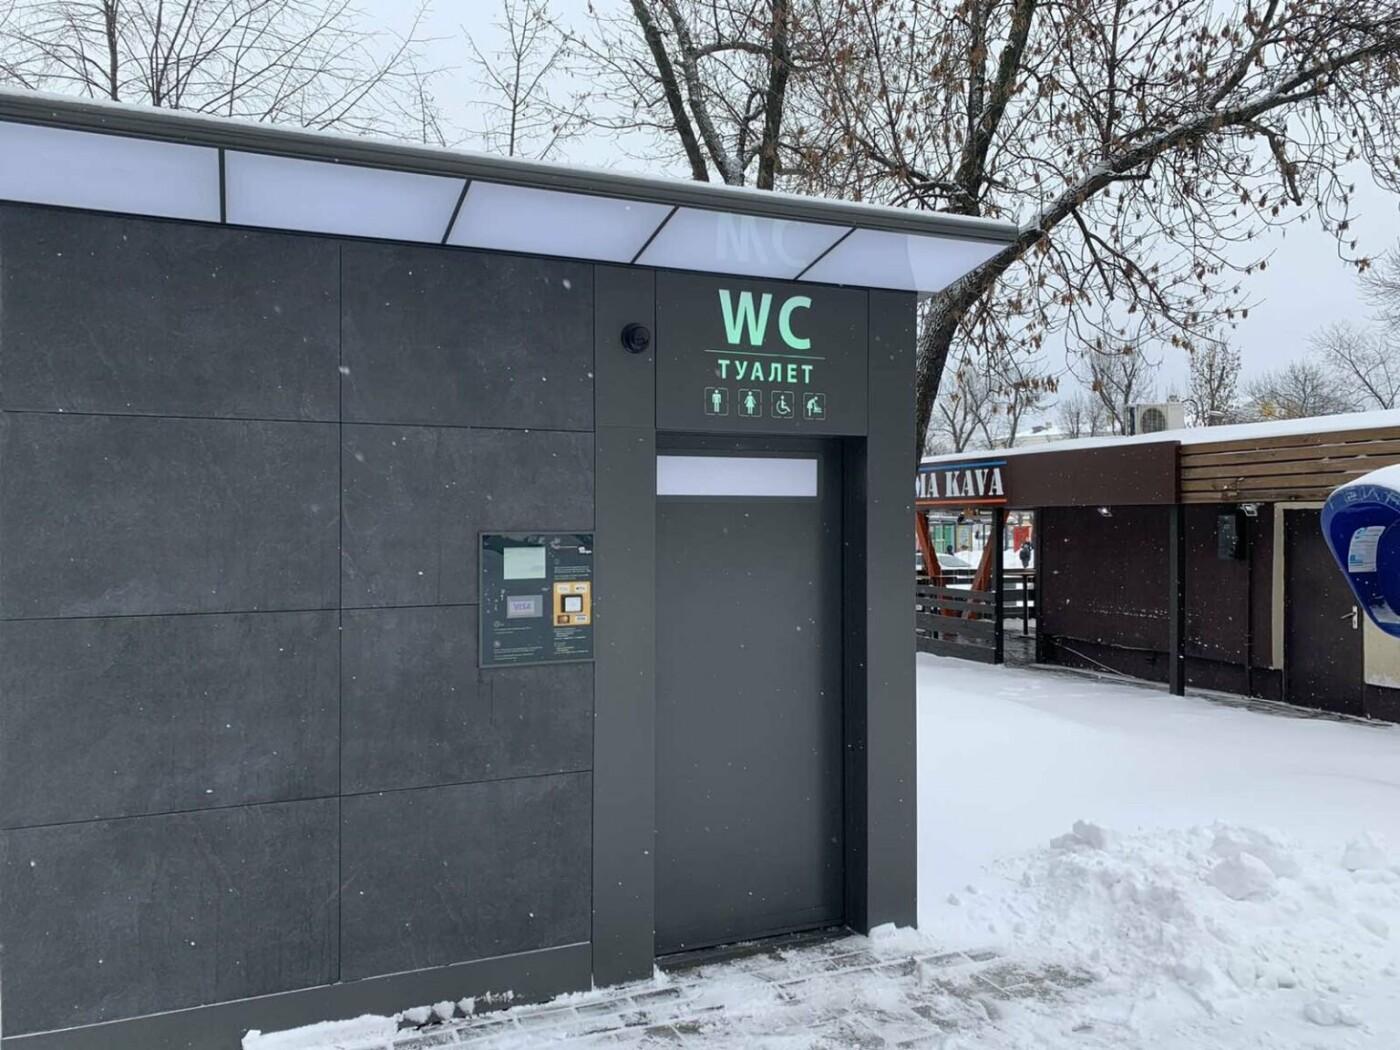 Выбил с разгона: в Киеве посетитель автоматического туалета сломал дверь, - ВИДЕО, Фото: Киевводфонд